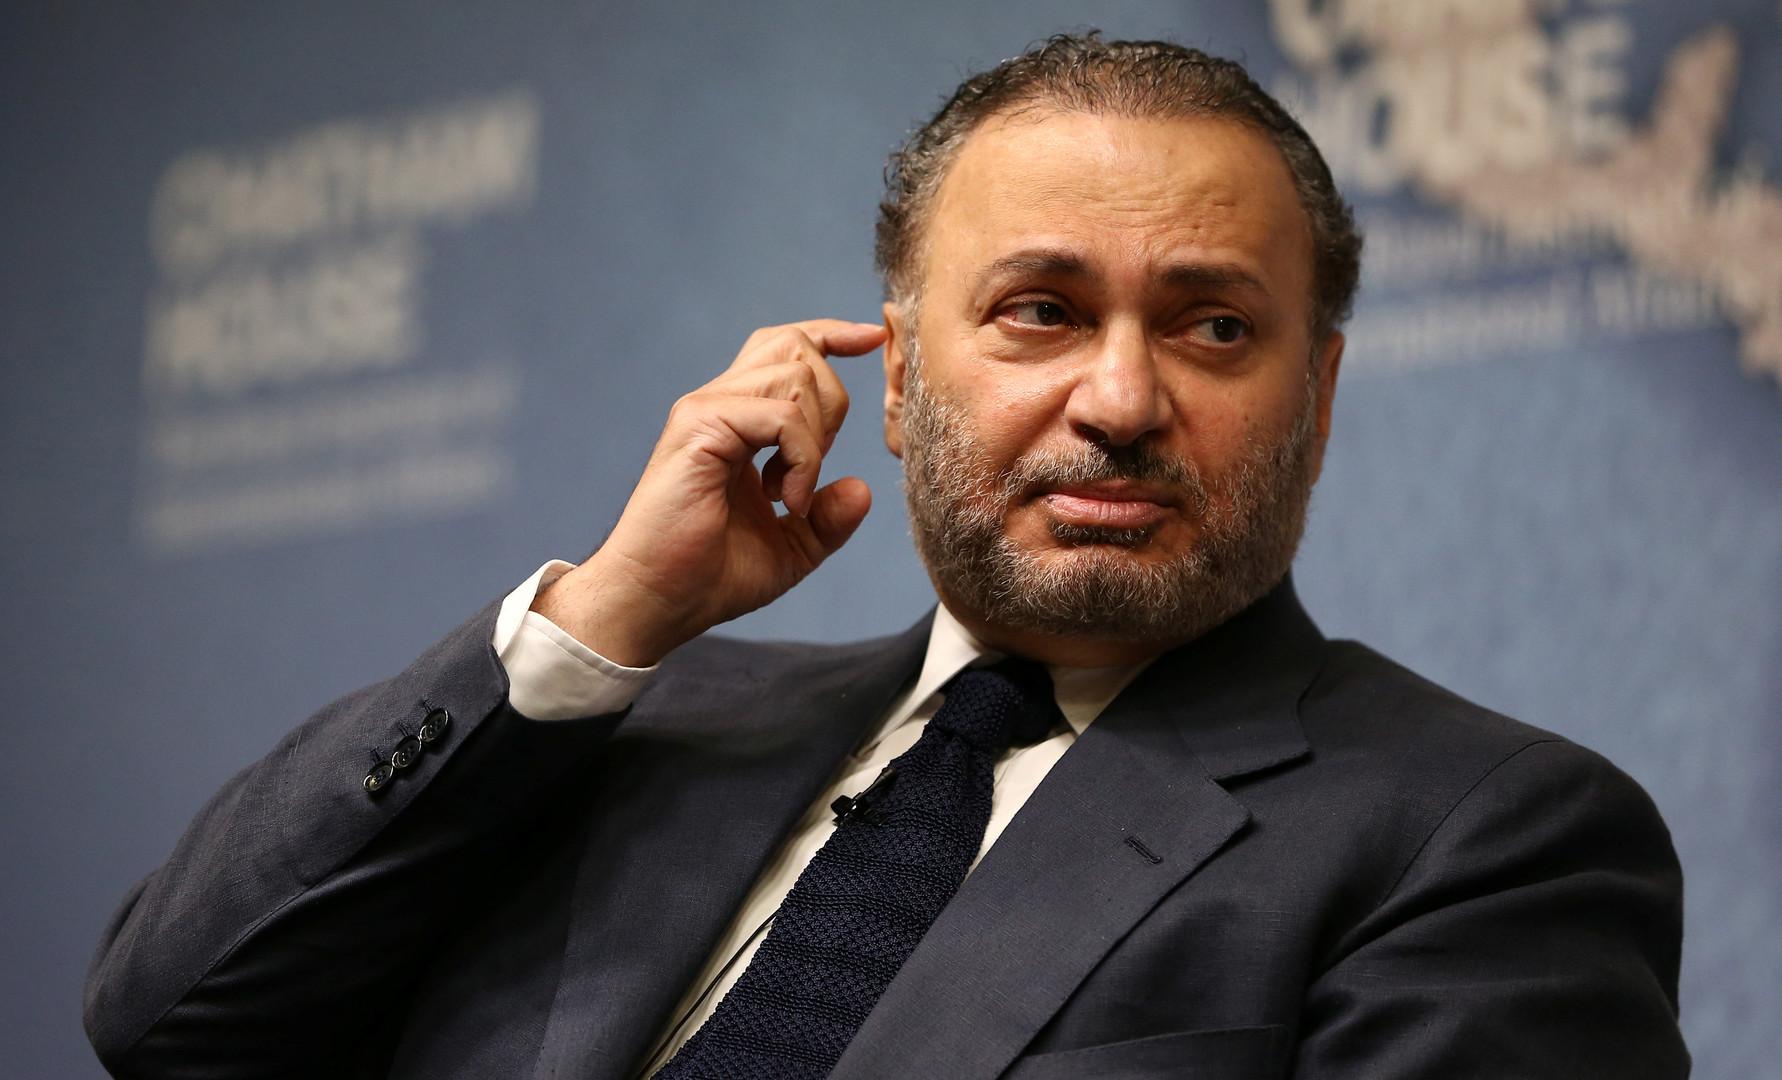 الإمارات تعلق على لقاء ممثل الحوثيين بخامنئي